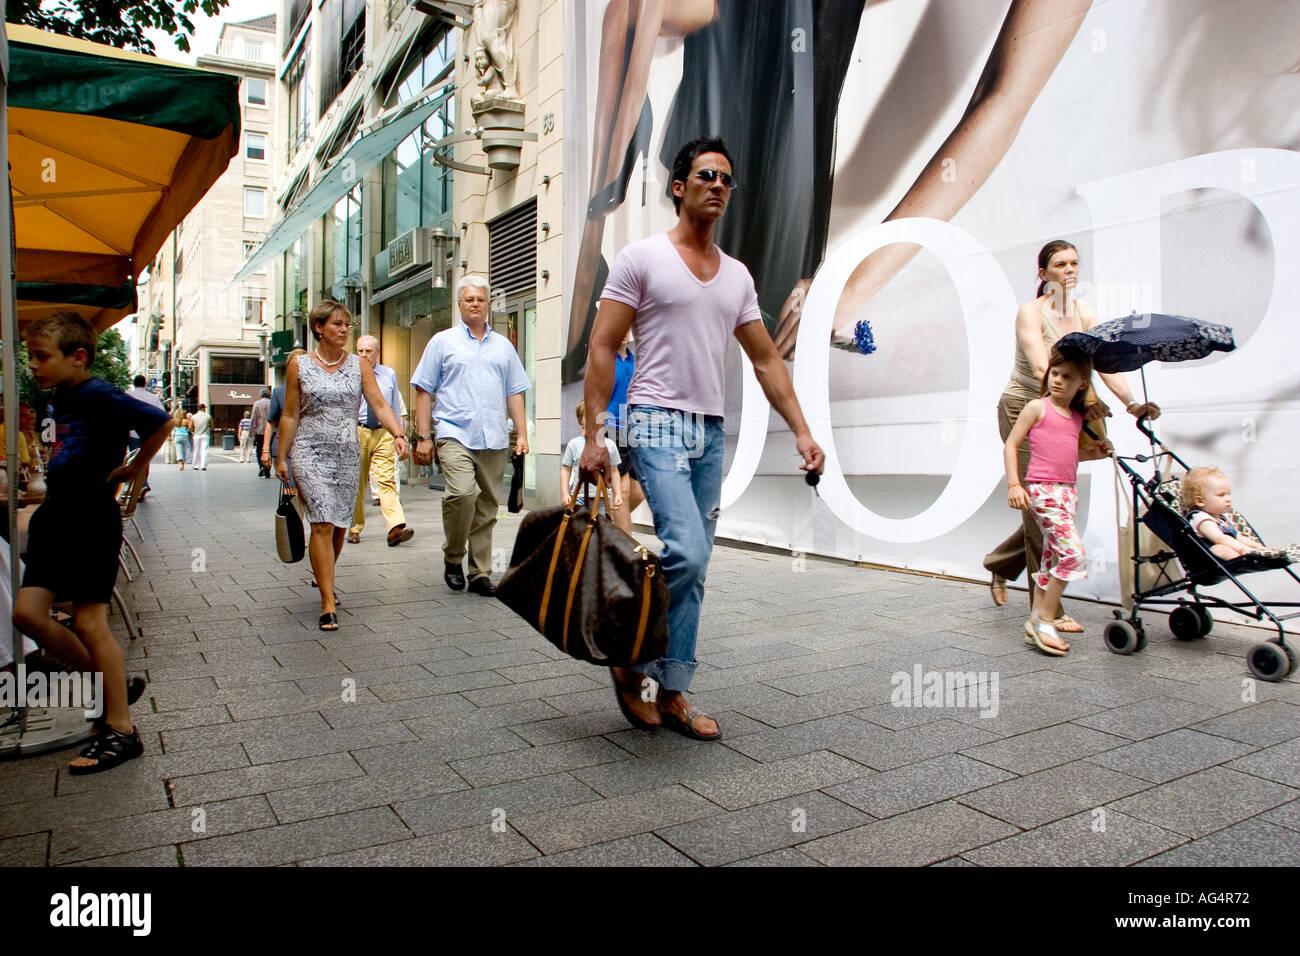 ab5d989ecfd62 Deutschland Düsseldorf Modegeschäfte auf Konigsallee Street bekannt für  seine s teure Designer-Boutiquen und Cafés